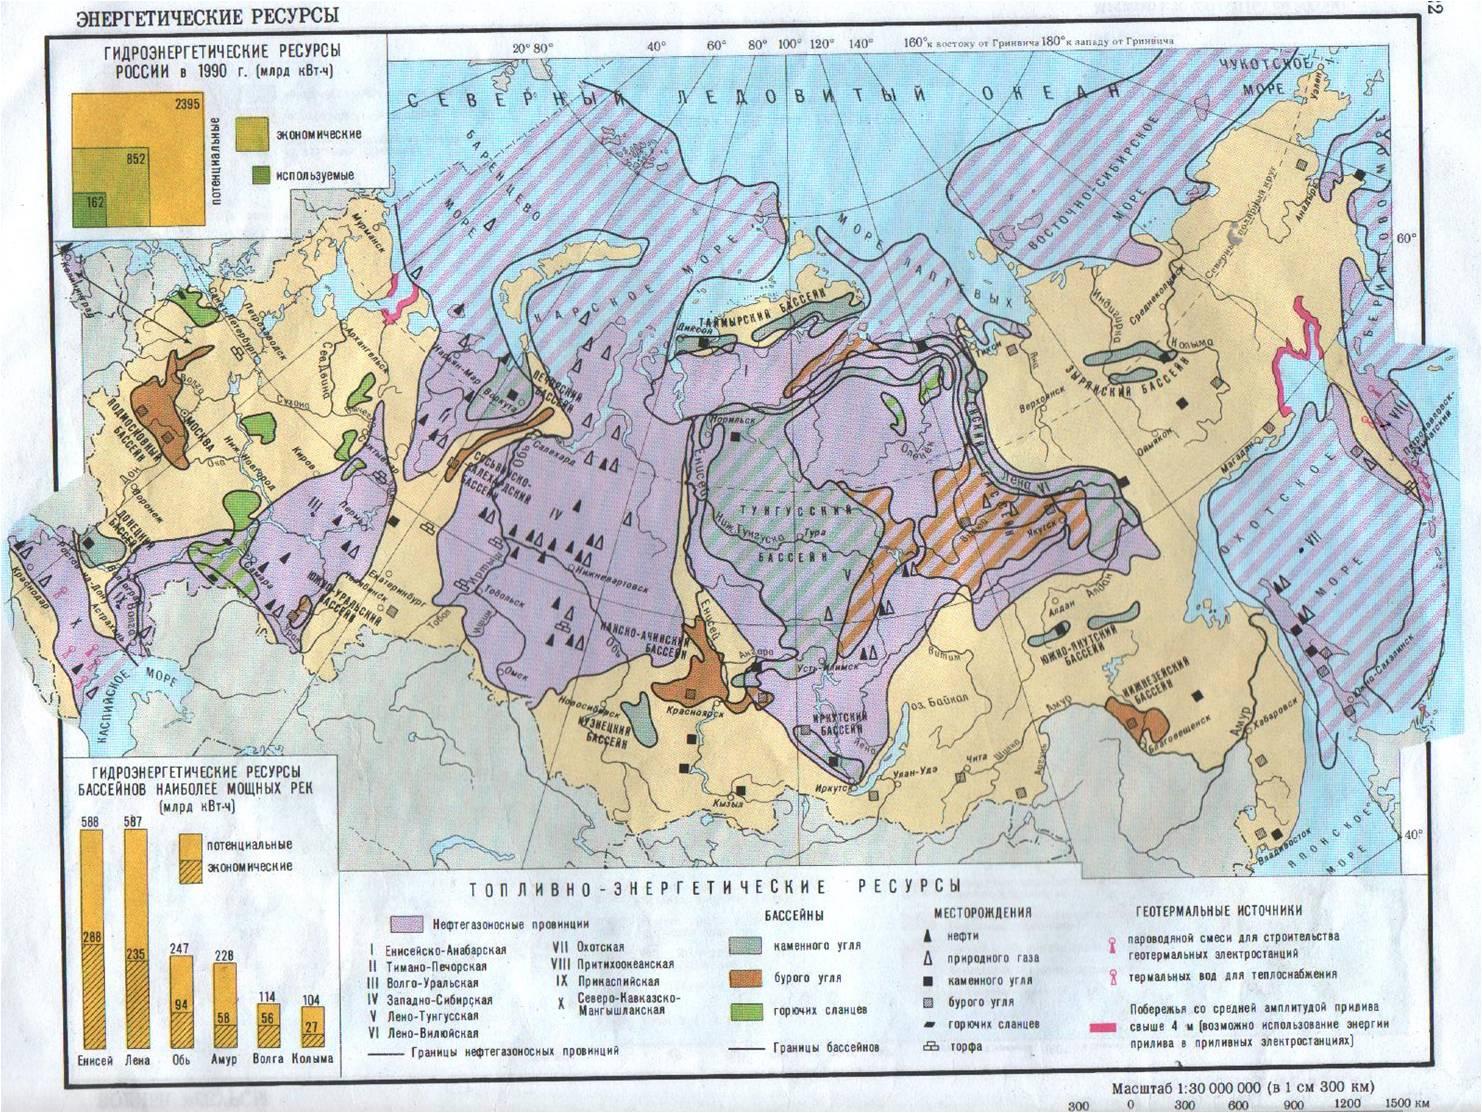 Гдз по географии контурная карта металлургический комплекс